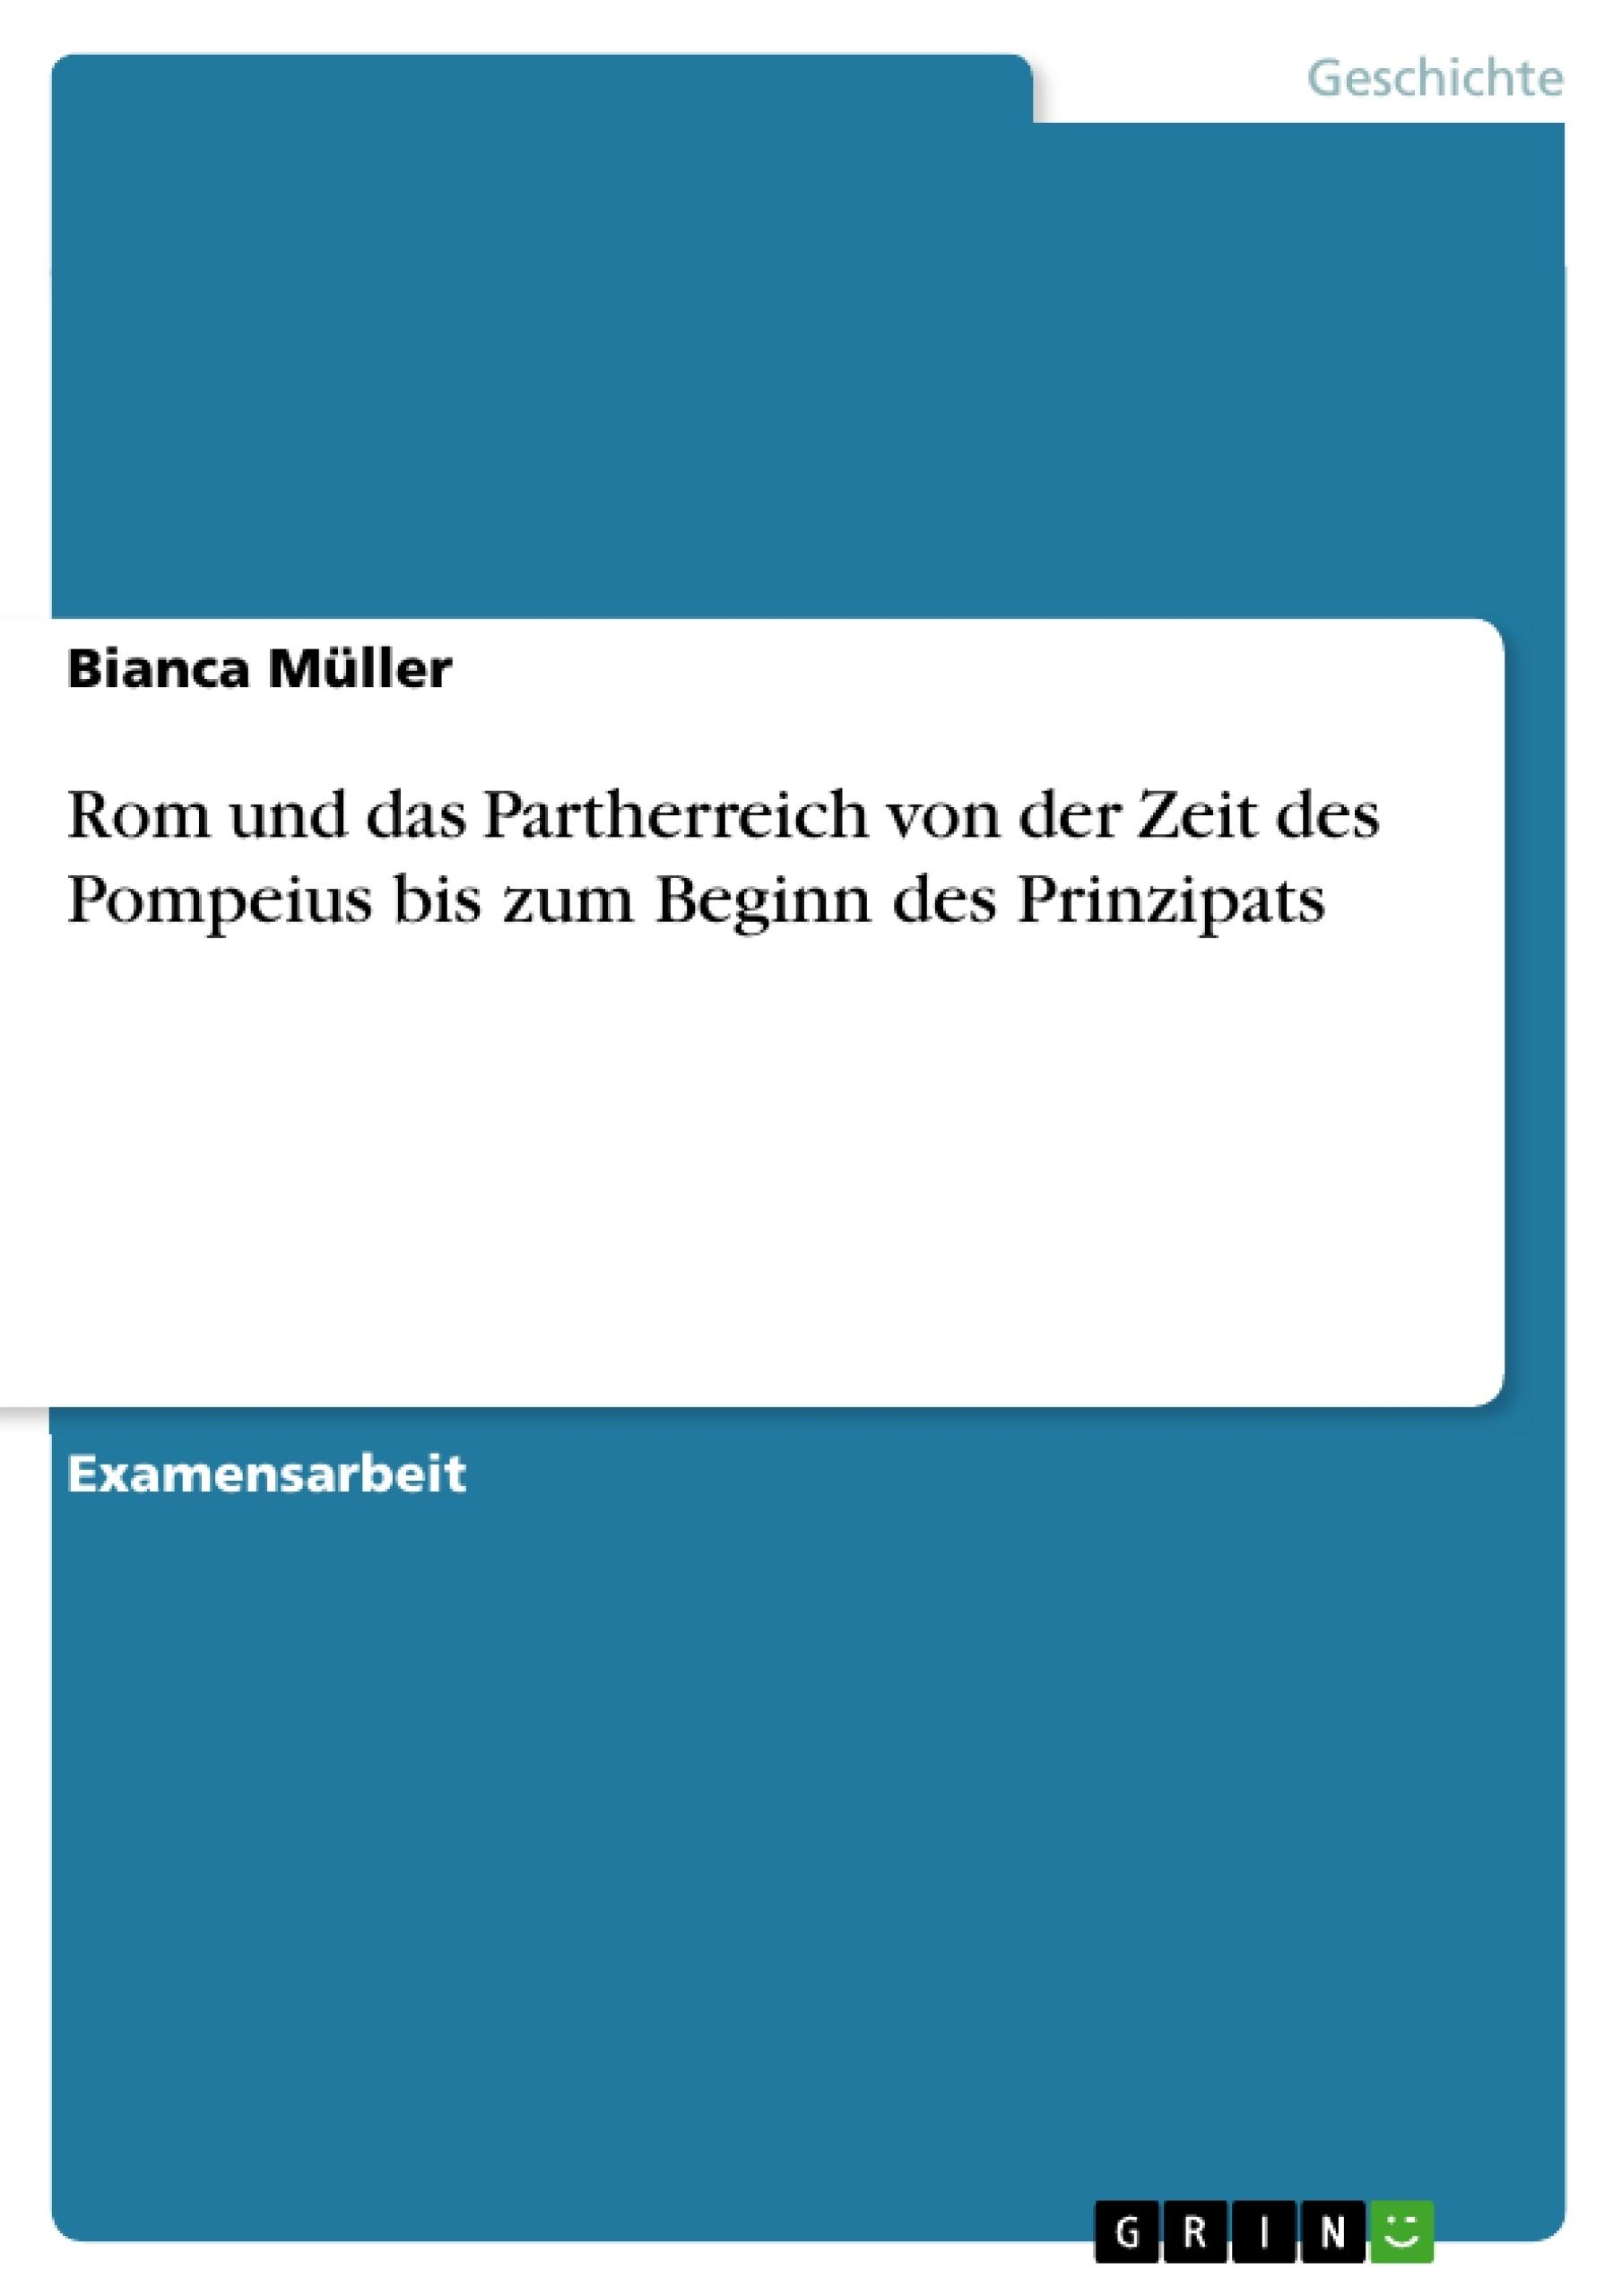 Titel: Rom und das Partherreich  von der Zeit des Pompeius  bis zum Beginn des Prinzipats